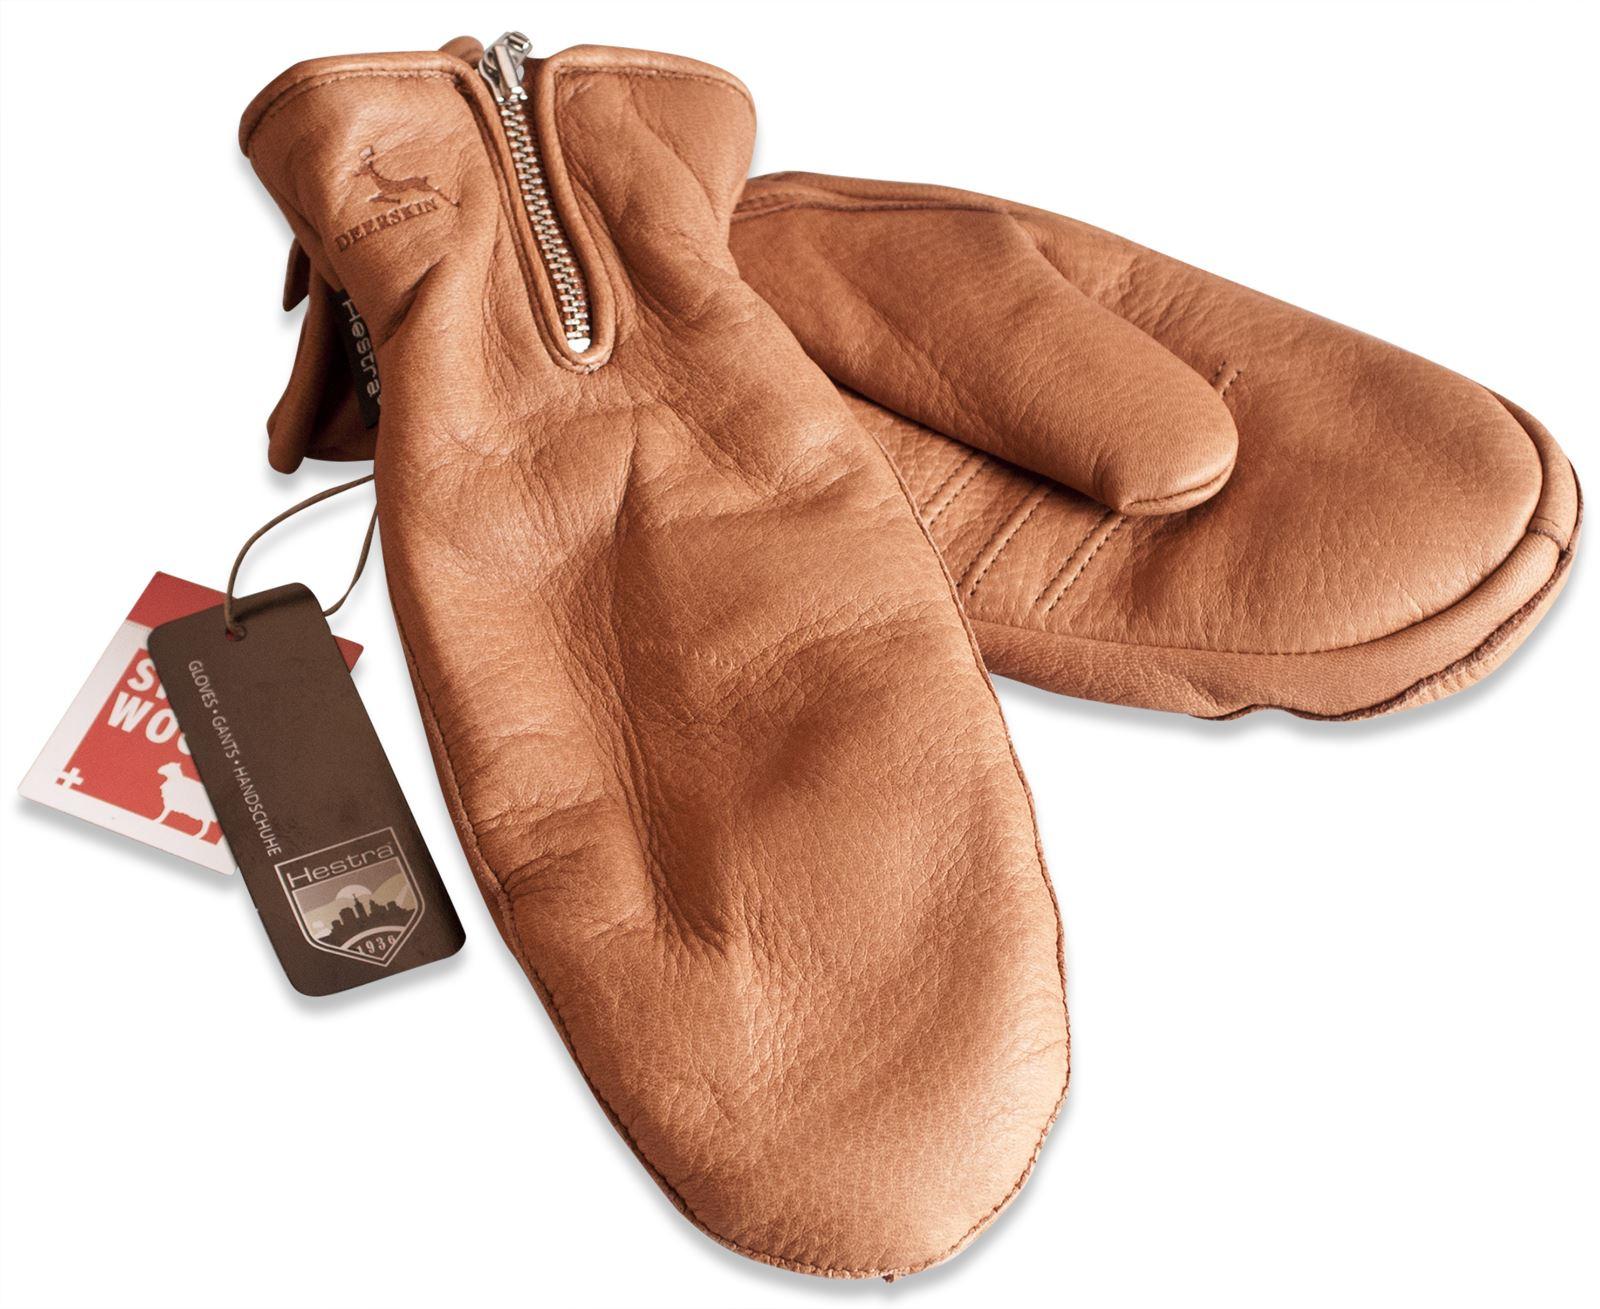 Ladies leather gloves wool lined - Hestra Ladies Deer Skin Leather Mittens Gloves Merino